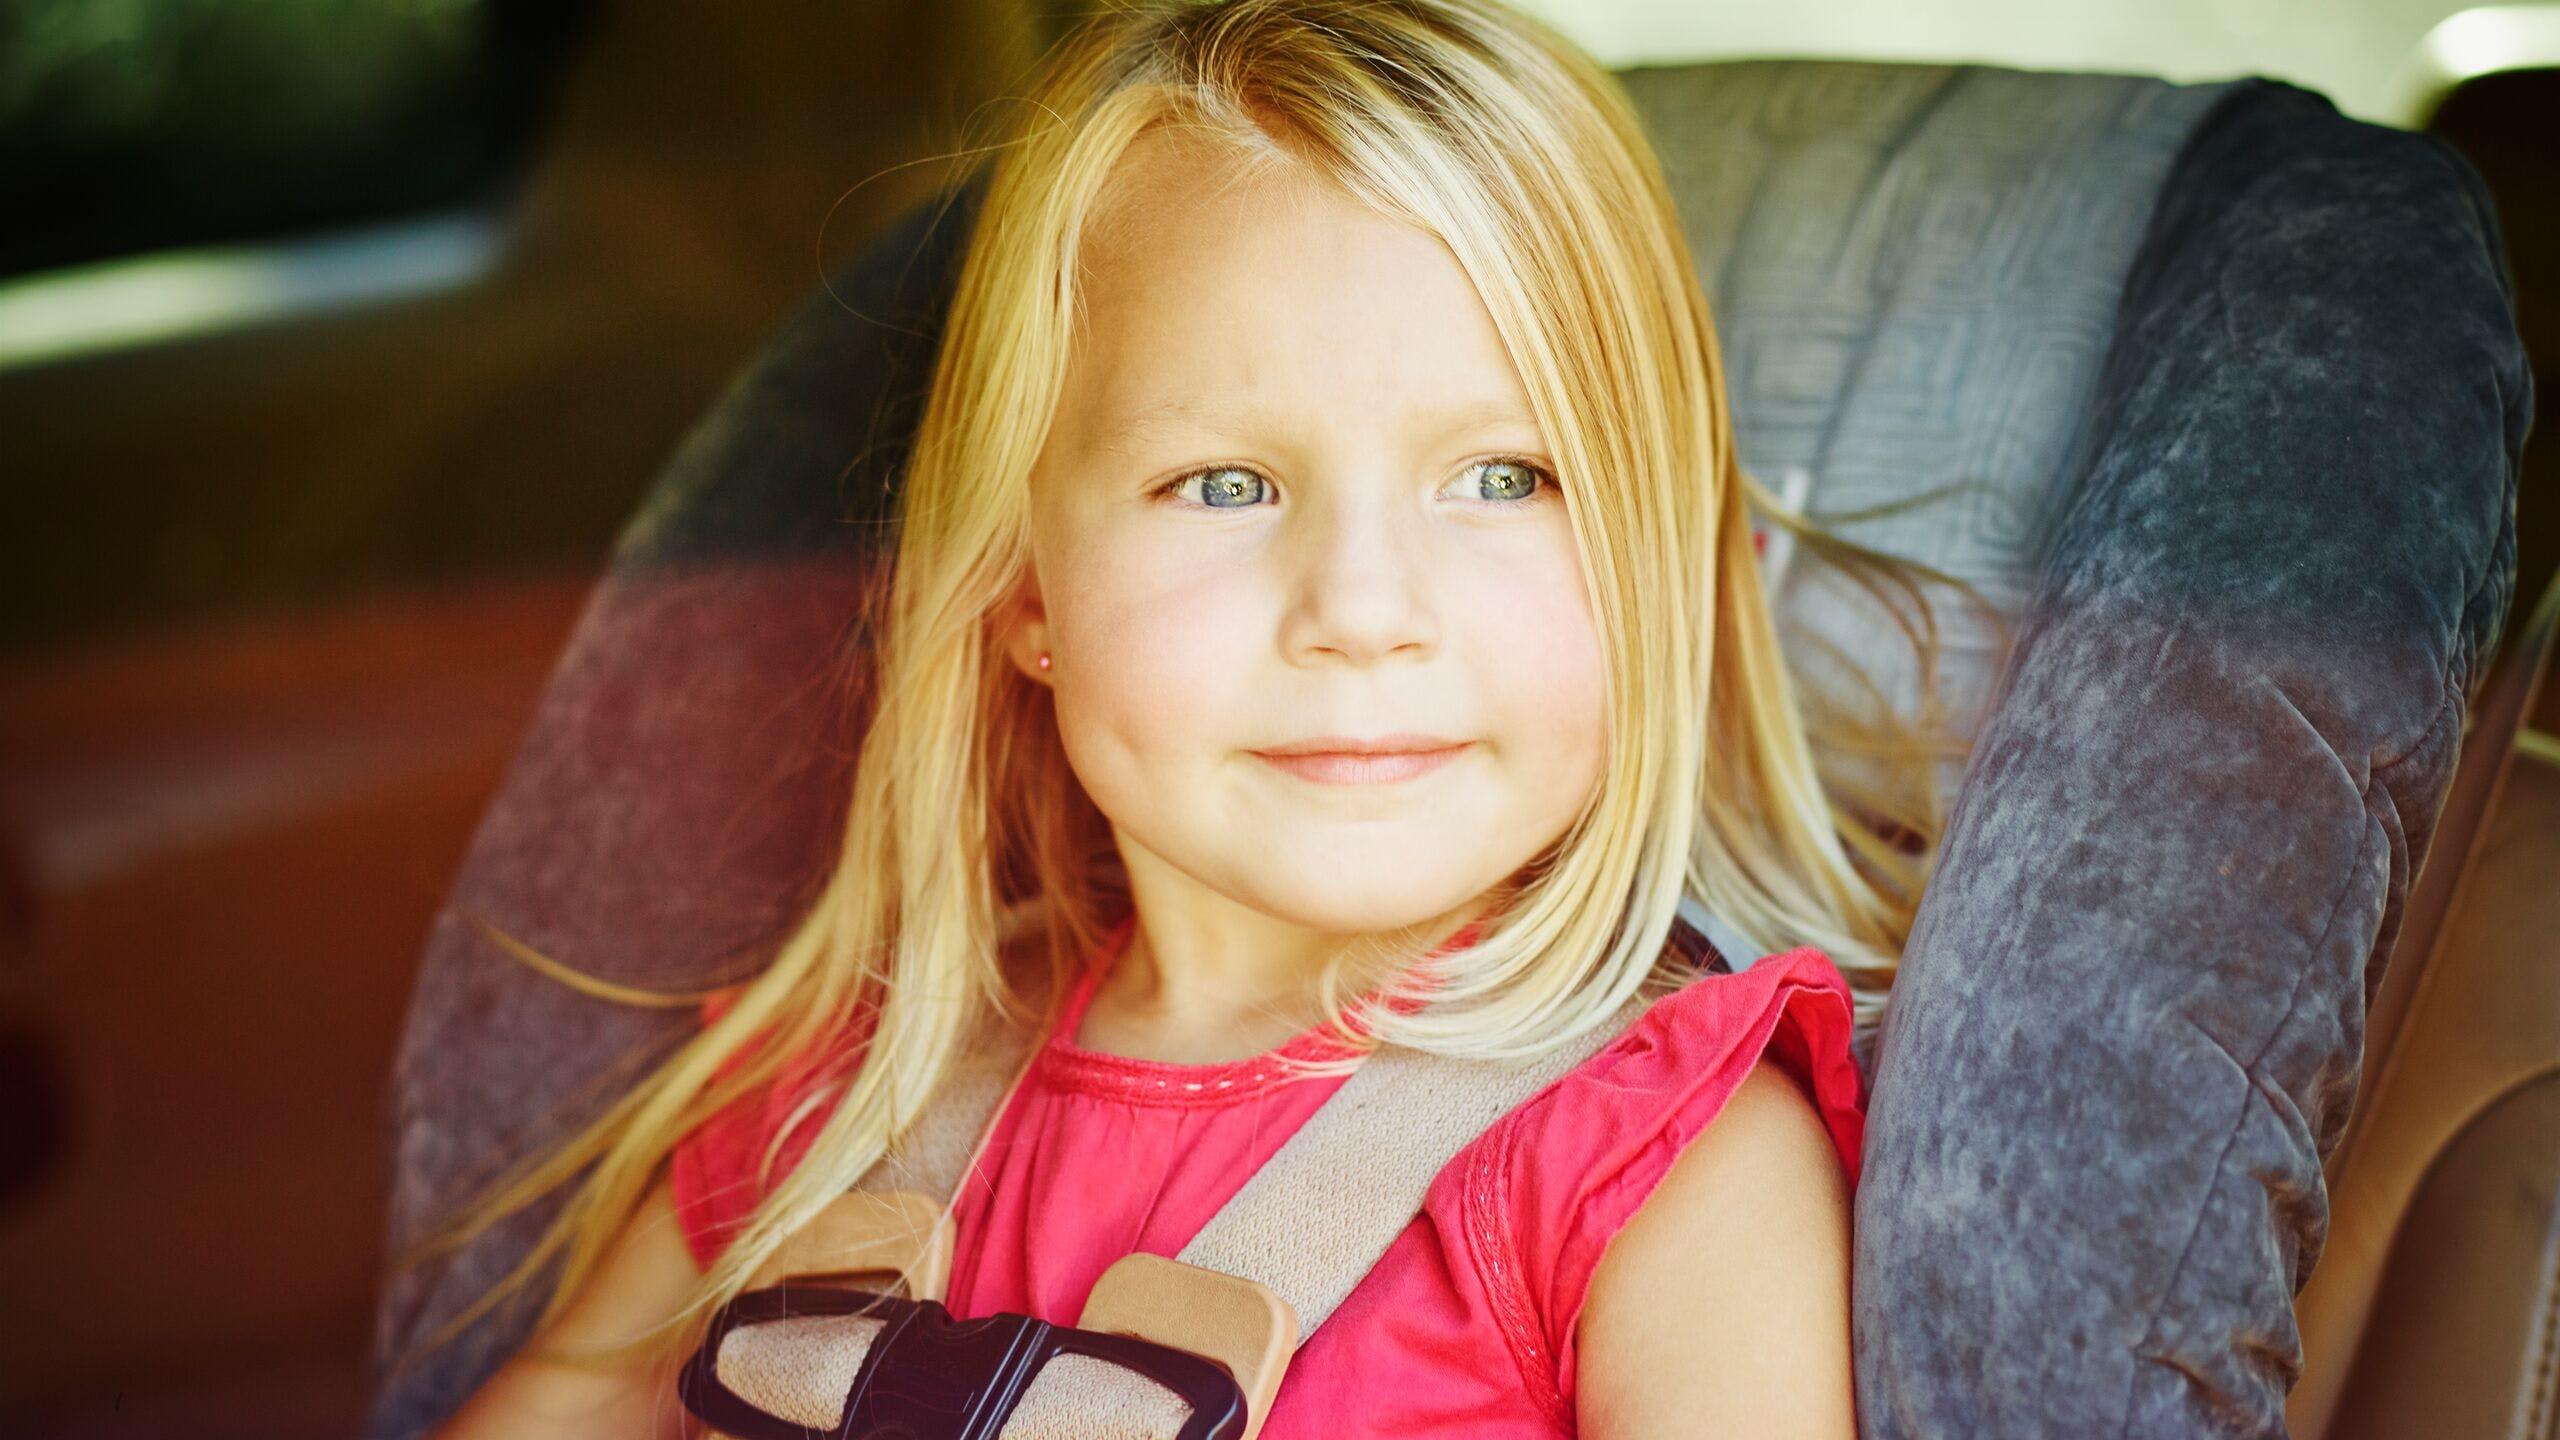 AXA Luxembourg - que dit la loi dans les pays voisins concernant les sièges auto enfant ?